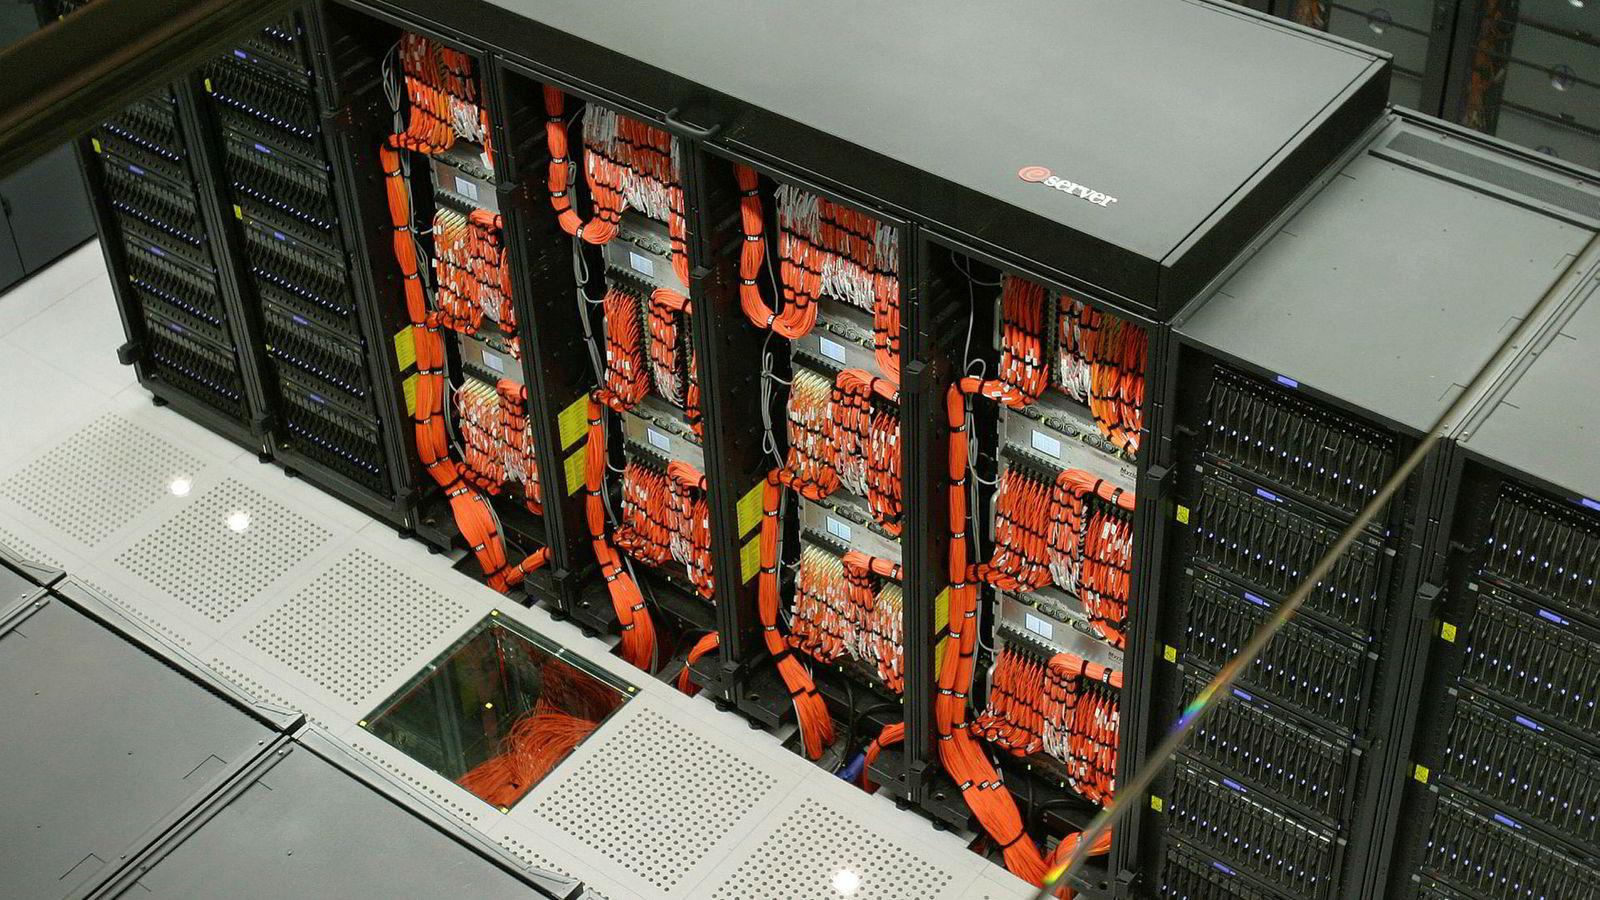 USA skal bygge en ny superdatamaskin som overgår alt verden har sett så langt. Bildet viser det som en gang var en superdatamaskin, nemlig Eurpoas raskeste maskin i 2005 med en kapasitet på 0,04 petaflops.